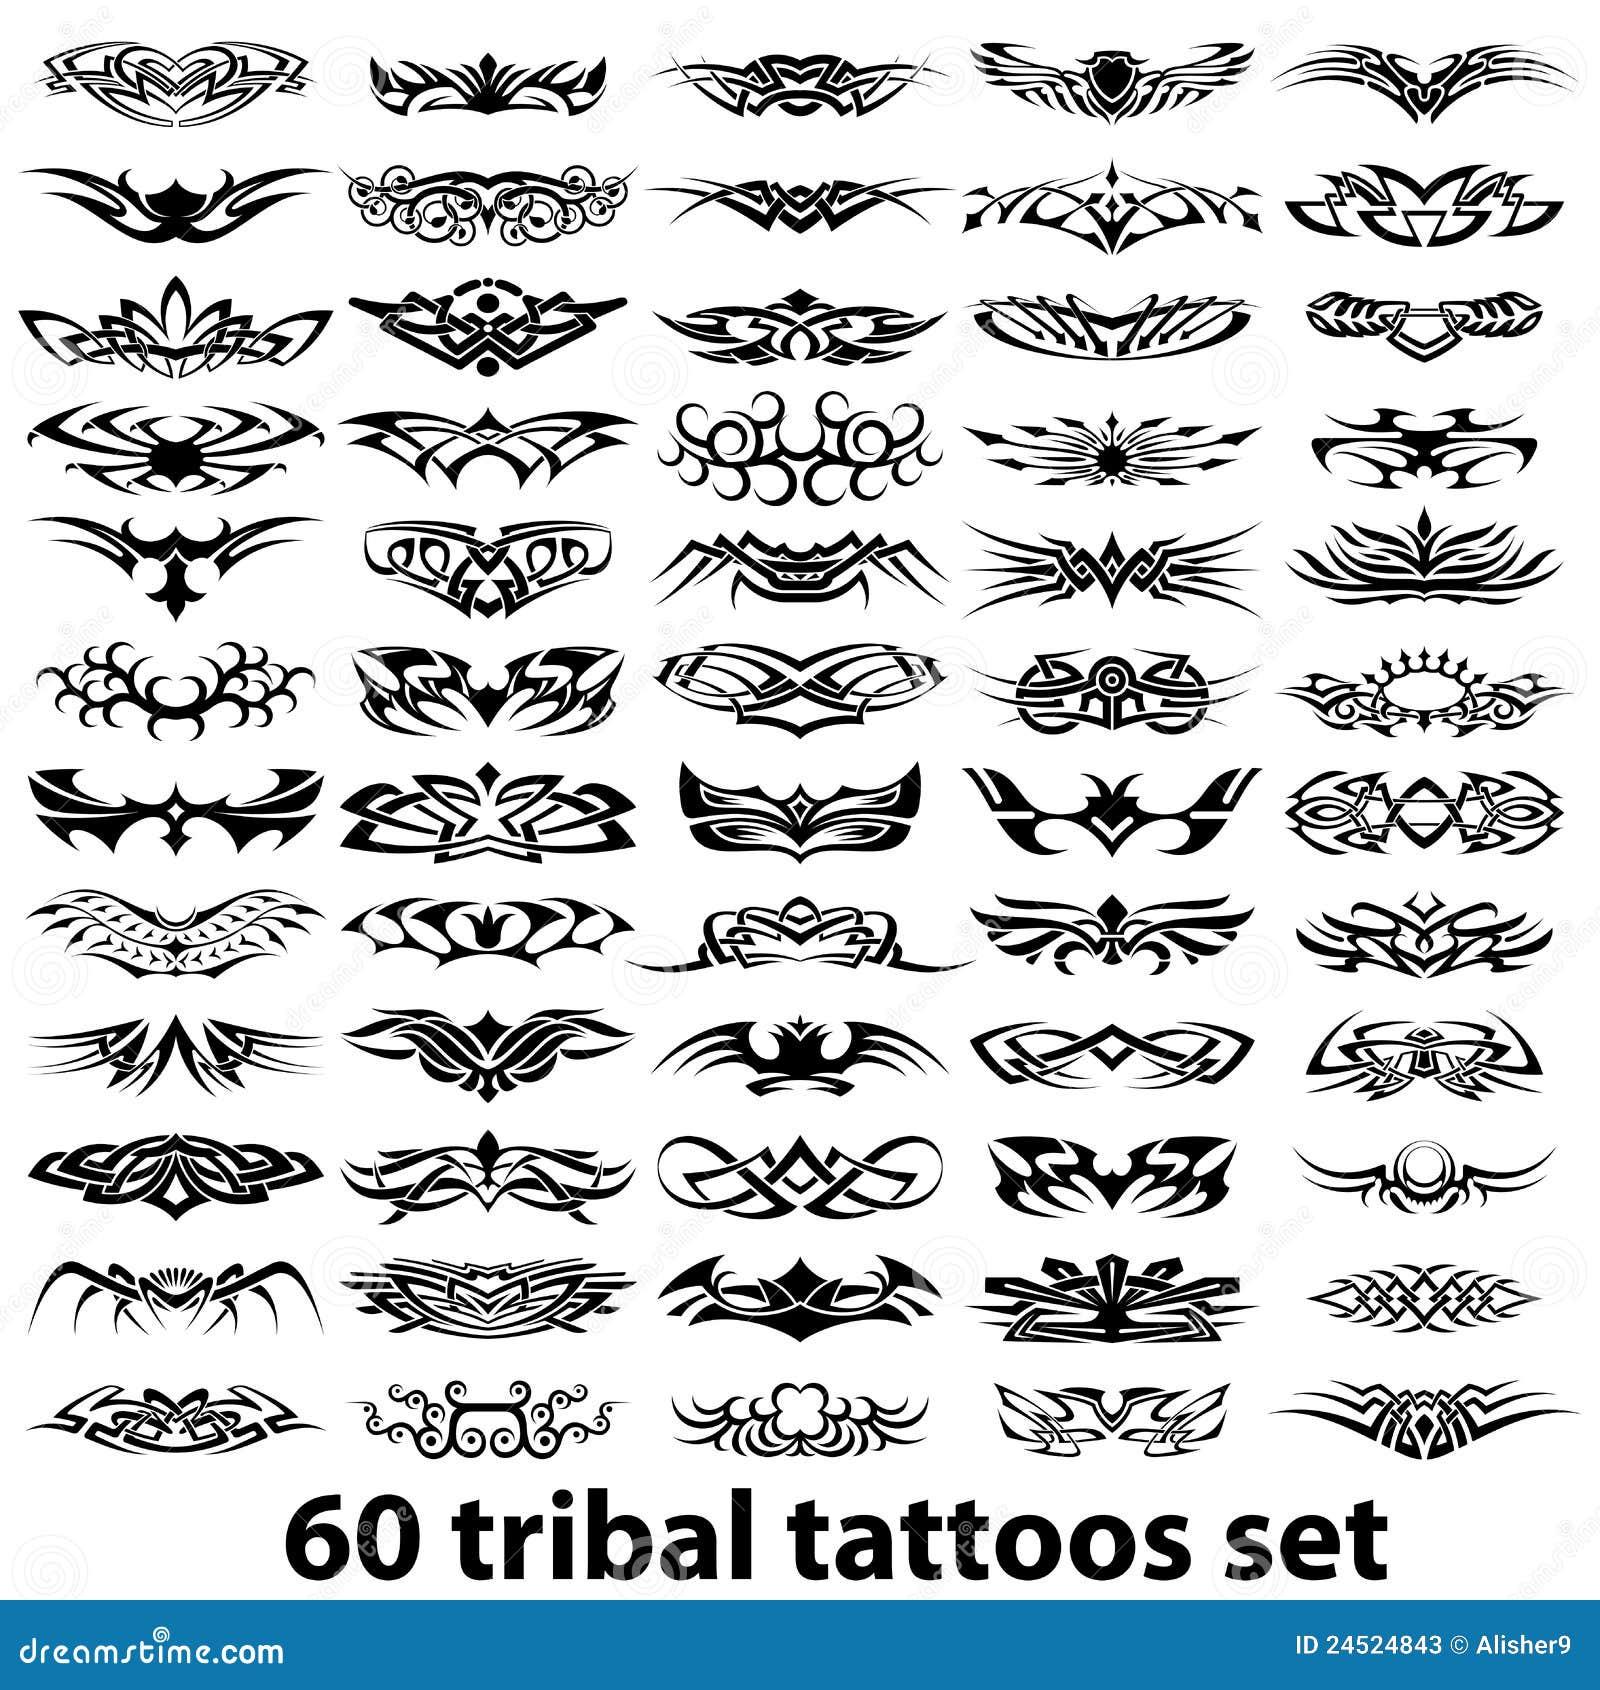 Tribal-Tattoos 60-tribal-tattoo-set-24524843